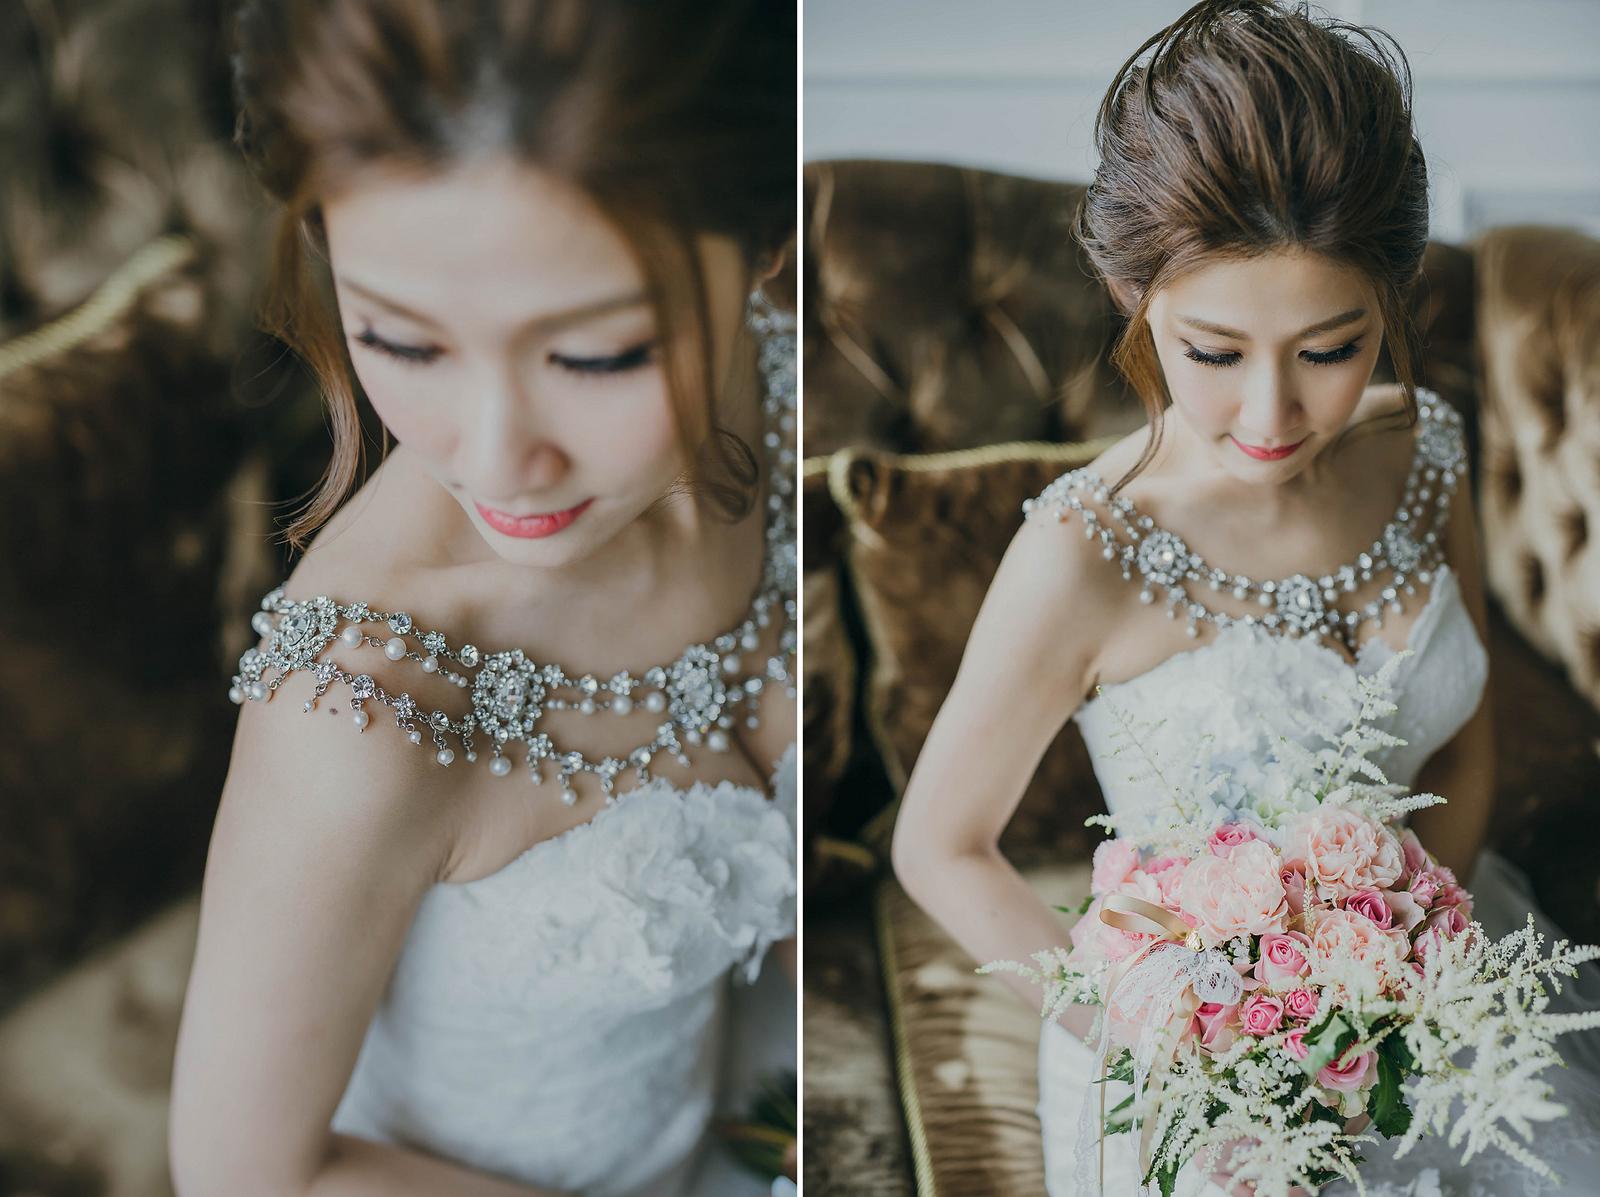 婚禮紀錄, 婚禮攝影, 美式婚禮,乳喵先生